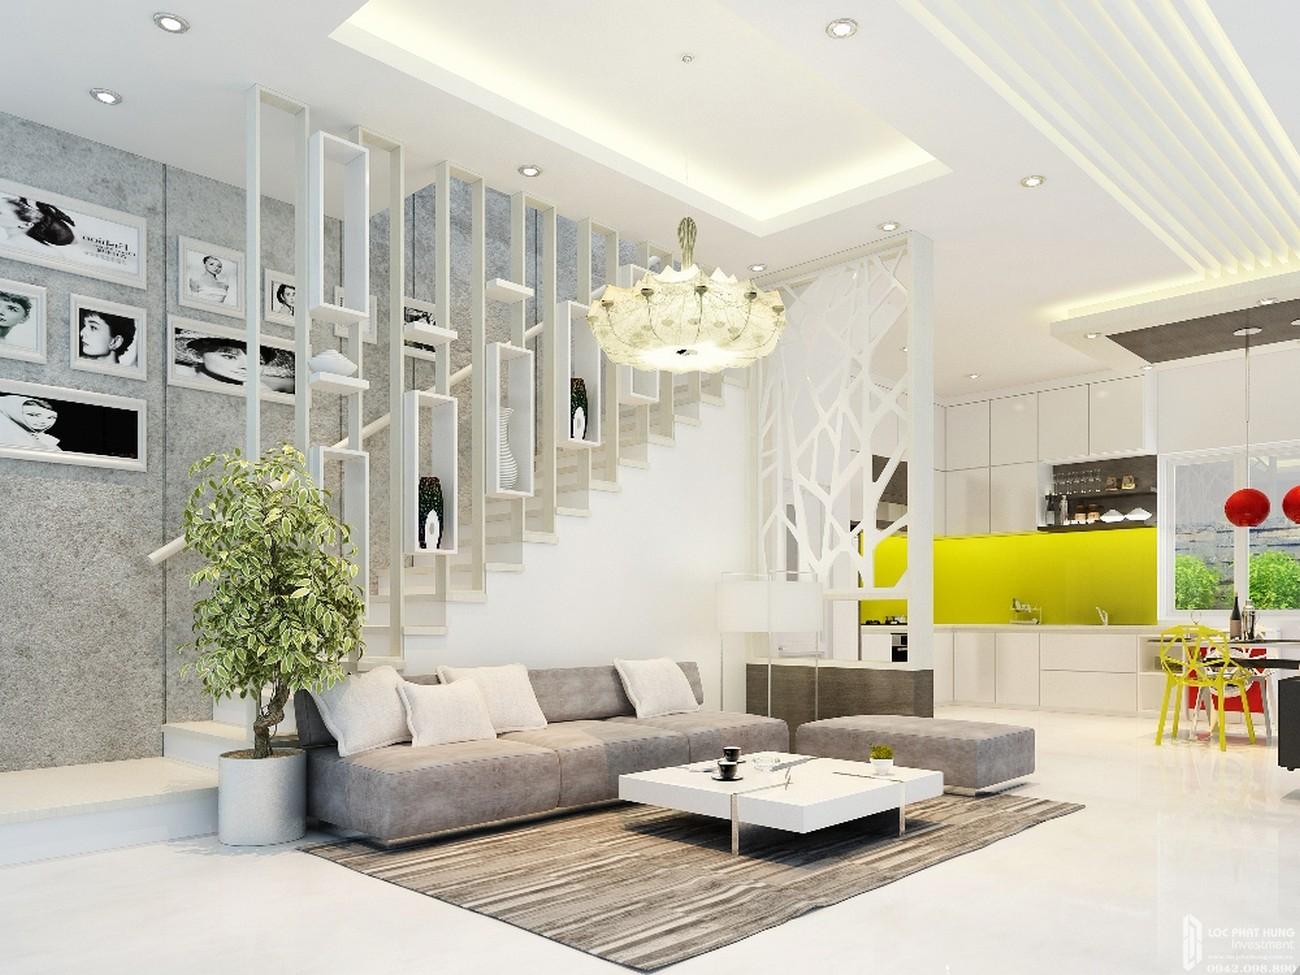 Nội thất dự án nhà phố Mega Ruby Quận 9 chủ đầu tư Khang Điền